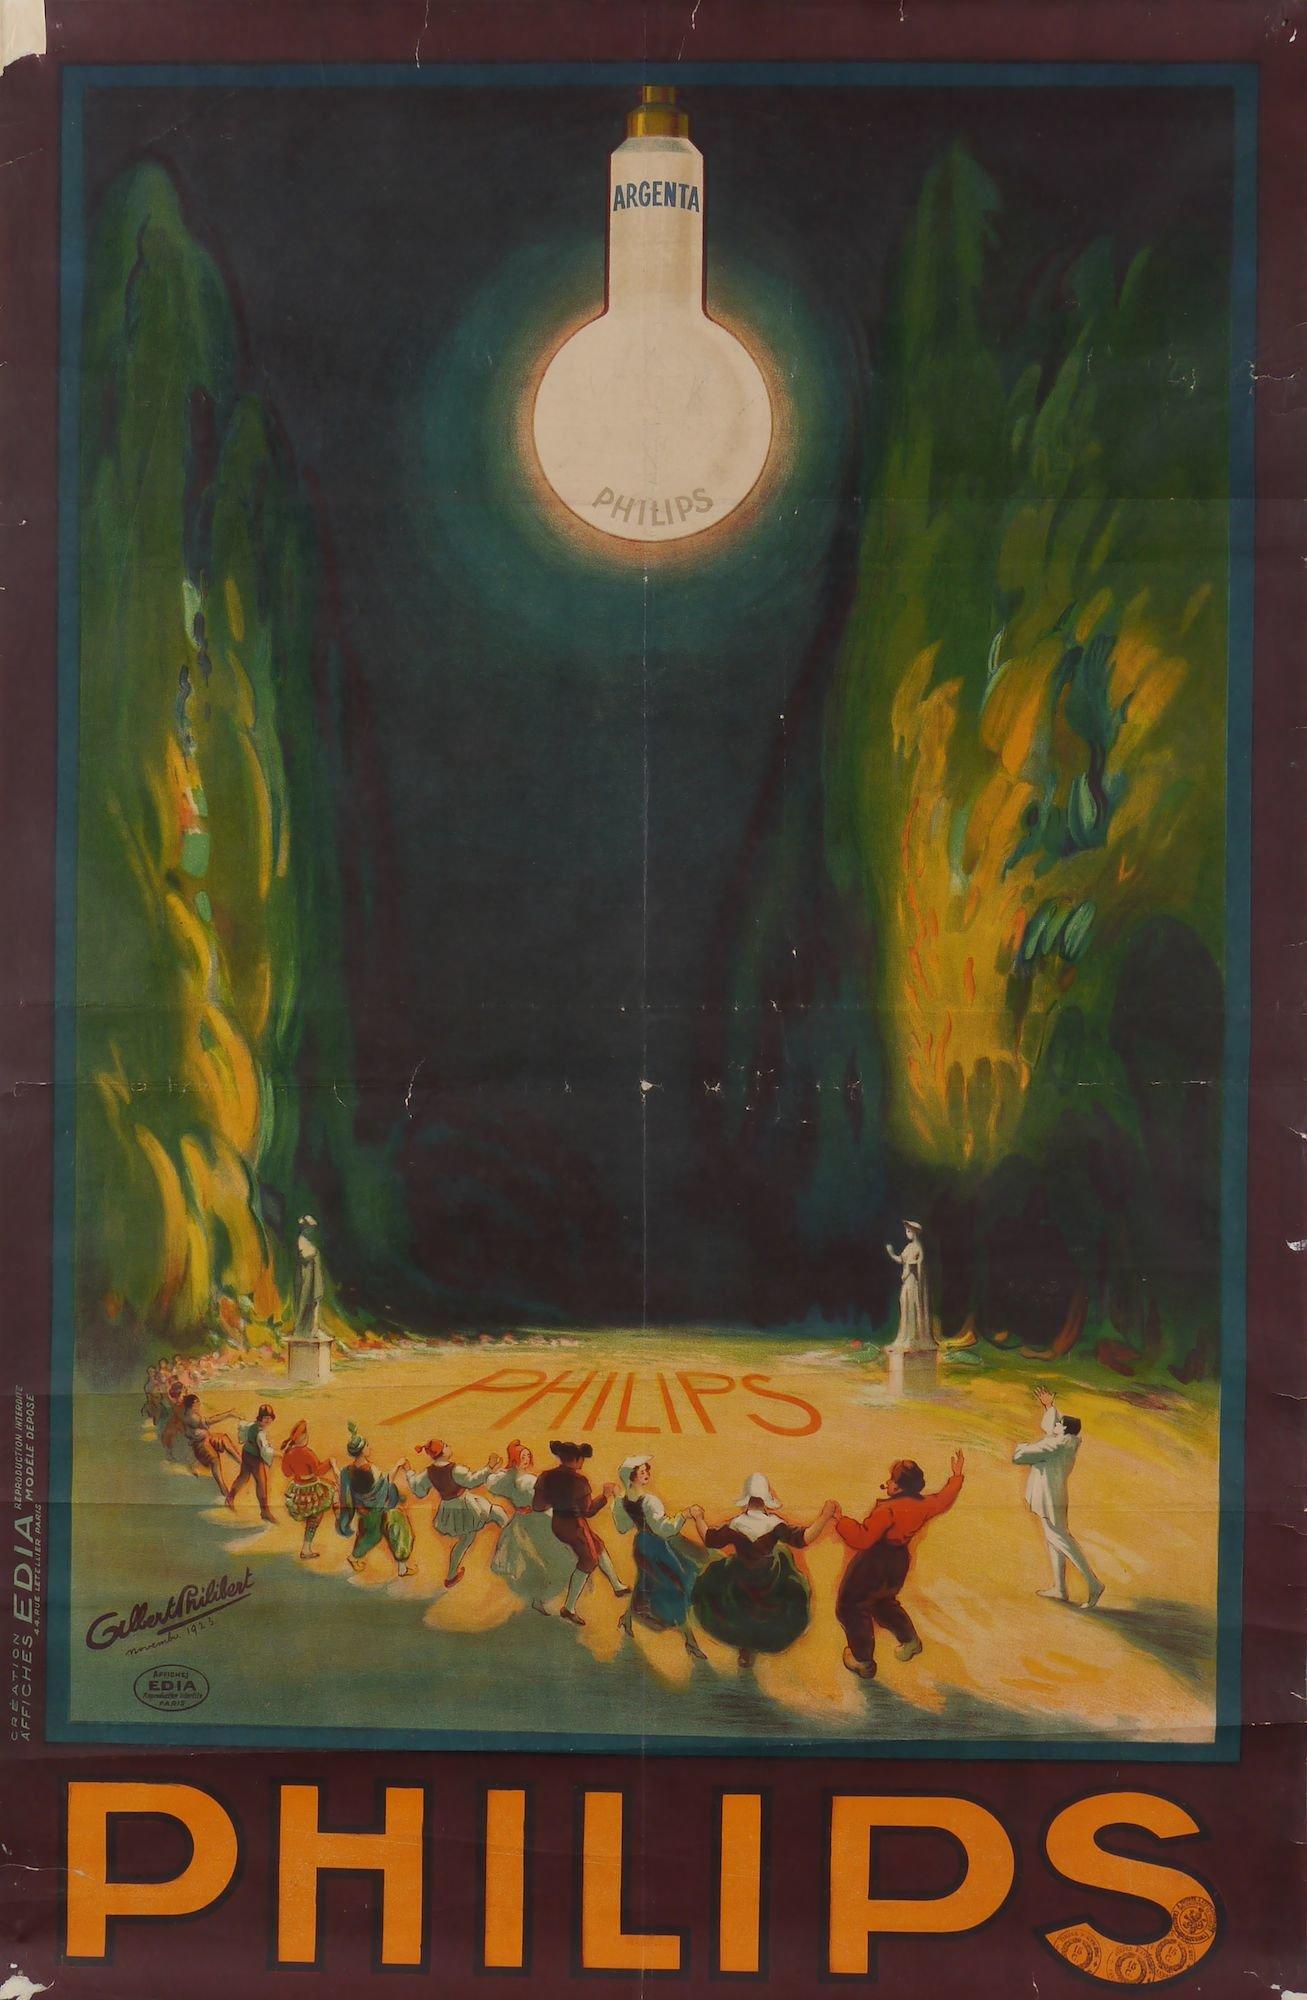 Affiche voor gloeilampen van het merk Philips type Argenta